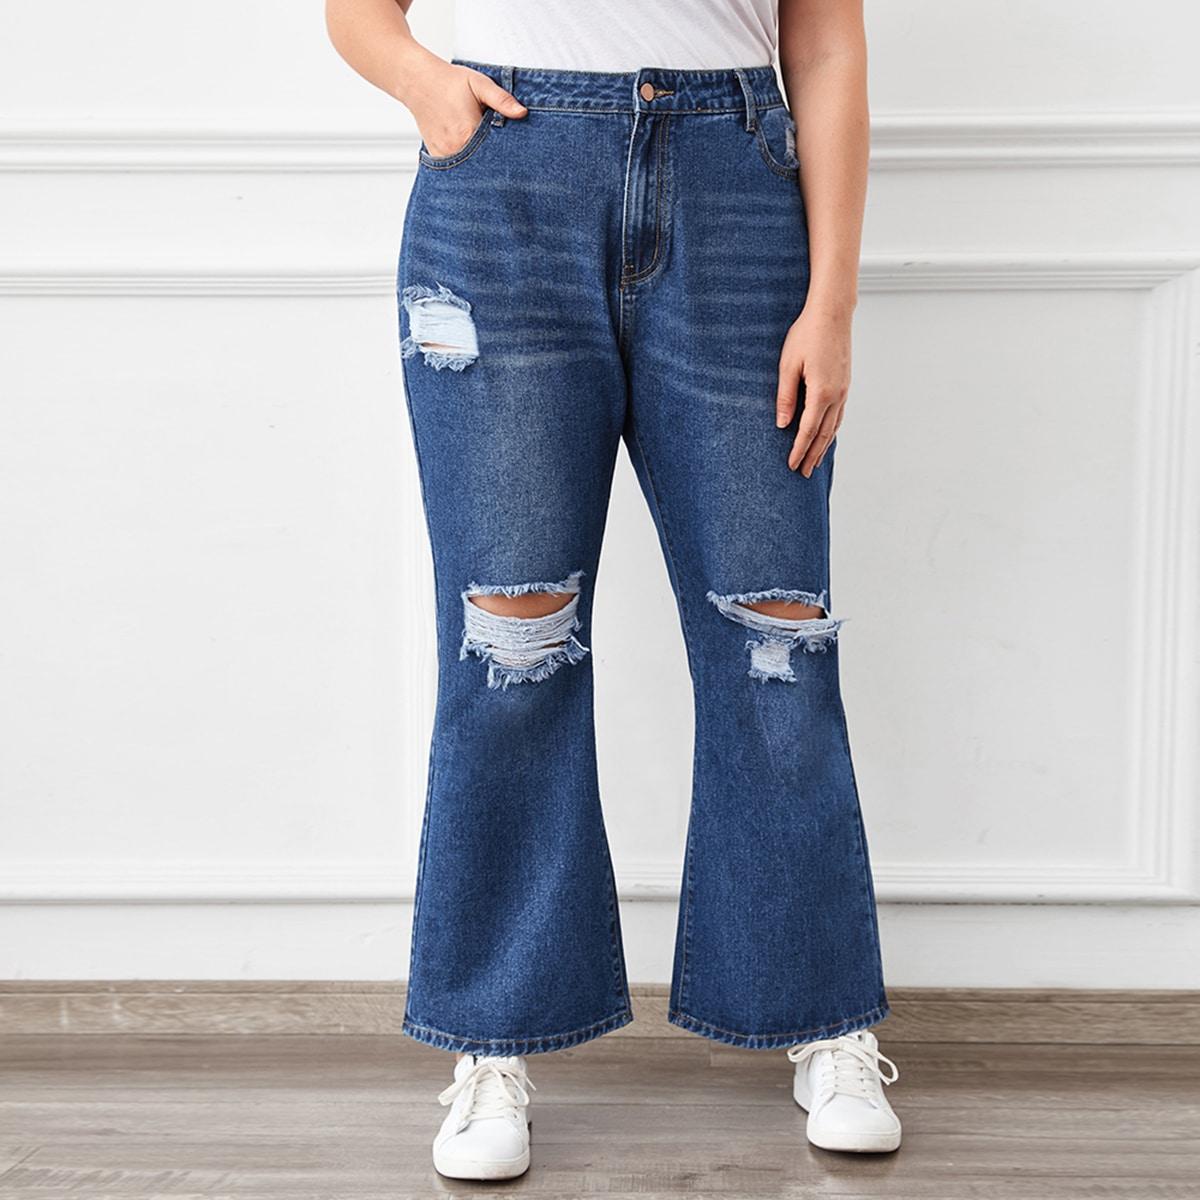 Рваные расклешенные джинсы размера плюс с высокой талией